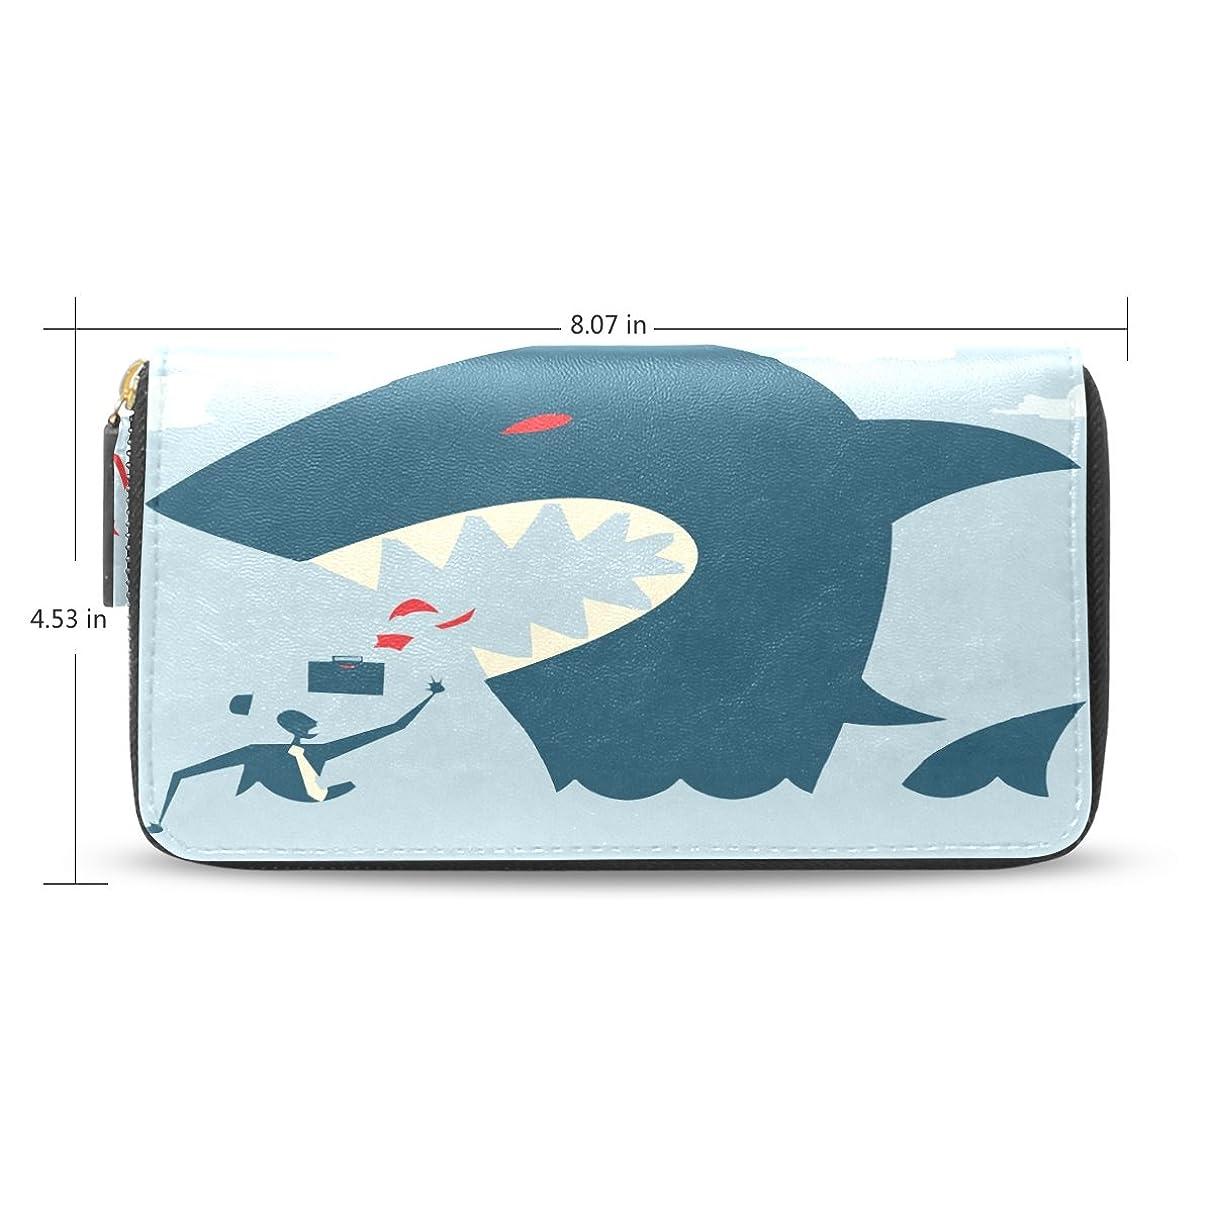 キャベツご意見上級USAKI(ユサキ) レディース ファスナー 財布,かわいい フカ 鮫,お札 小銭 カード入れ 大容量 長財布 入学式 卒業式 誕生日 プレゼント